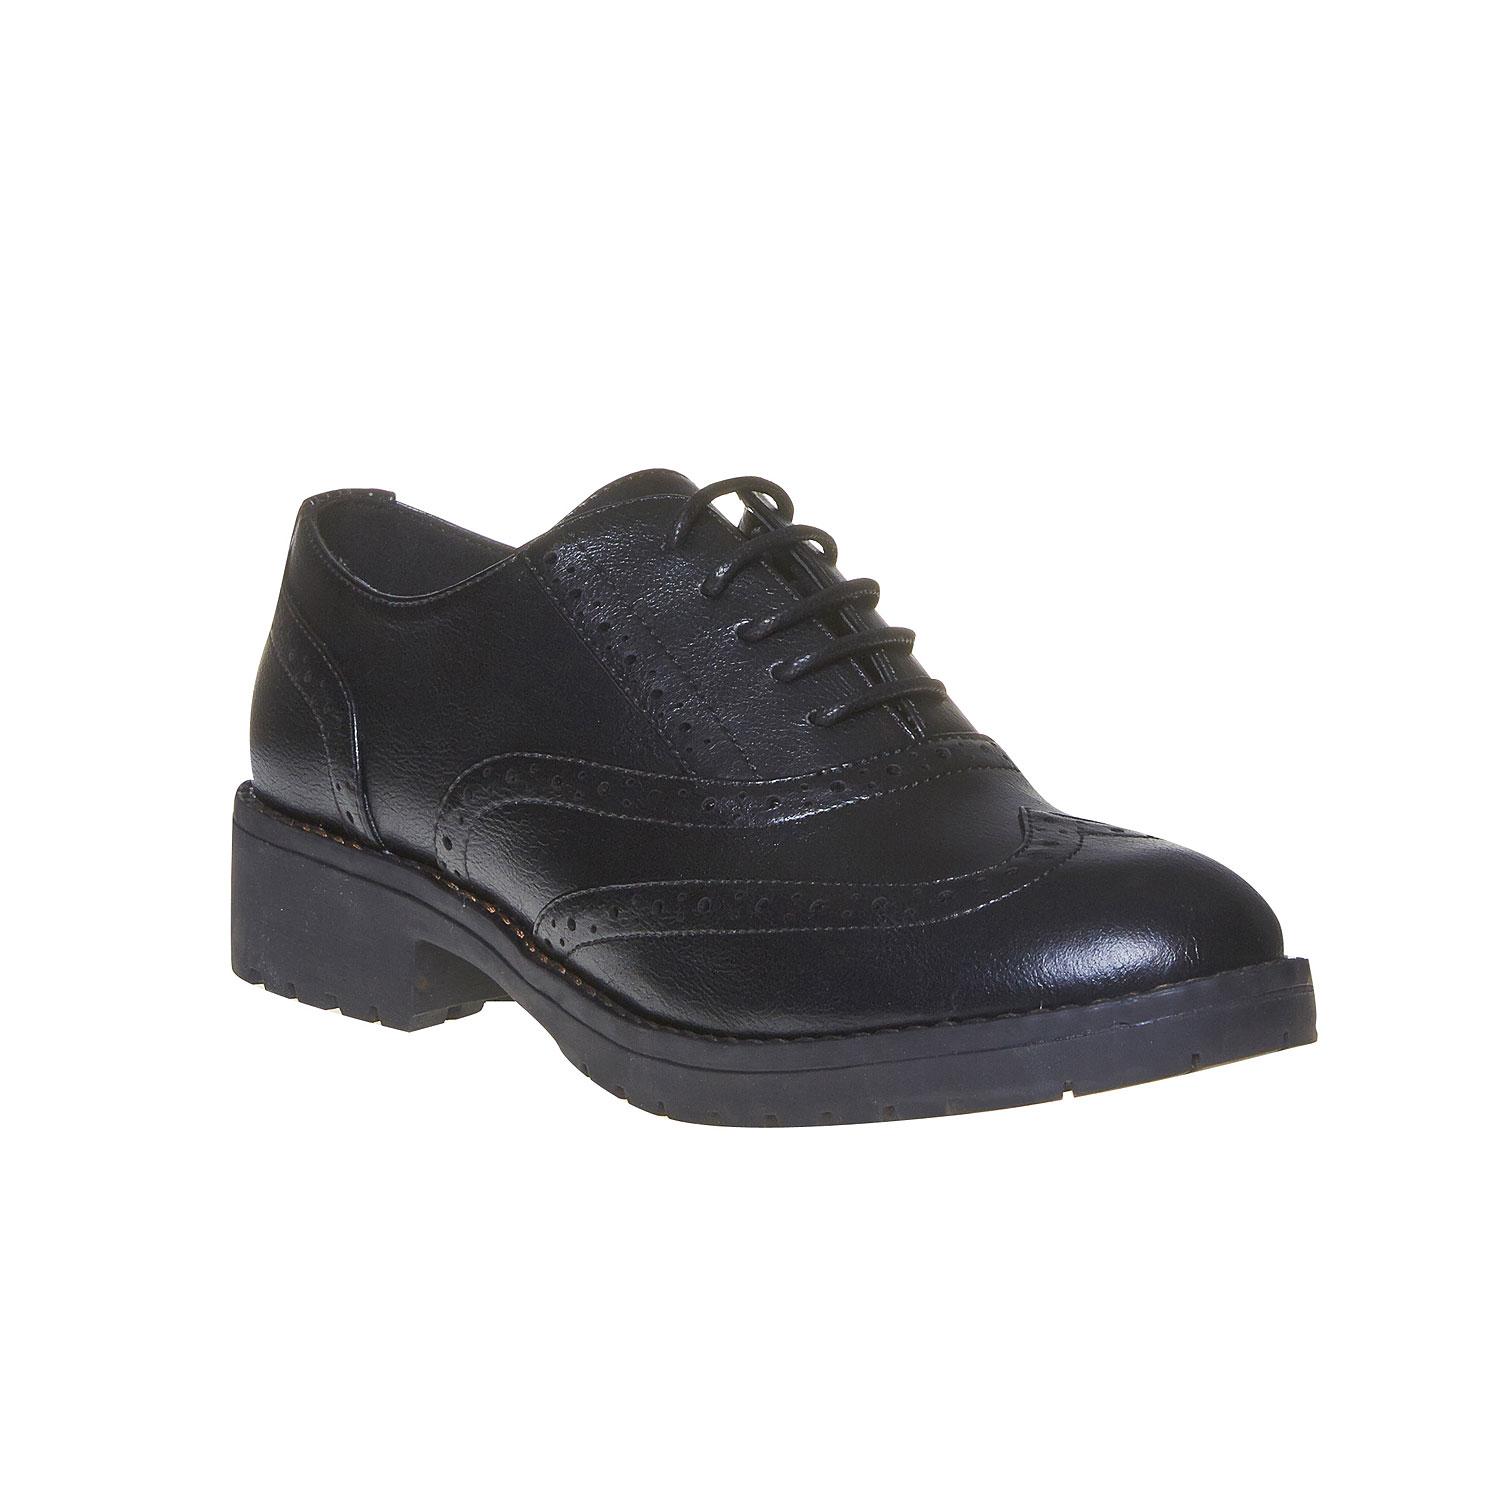 spesso Bata Scarpe basse eleganti da donna stile Oxford colore nero  AJ85